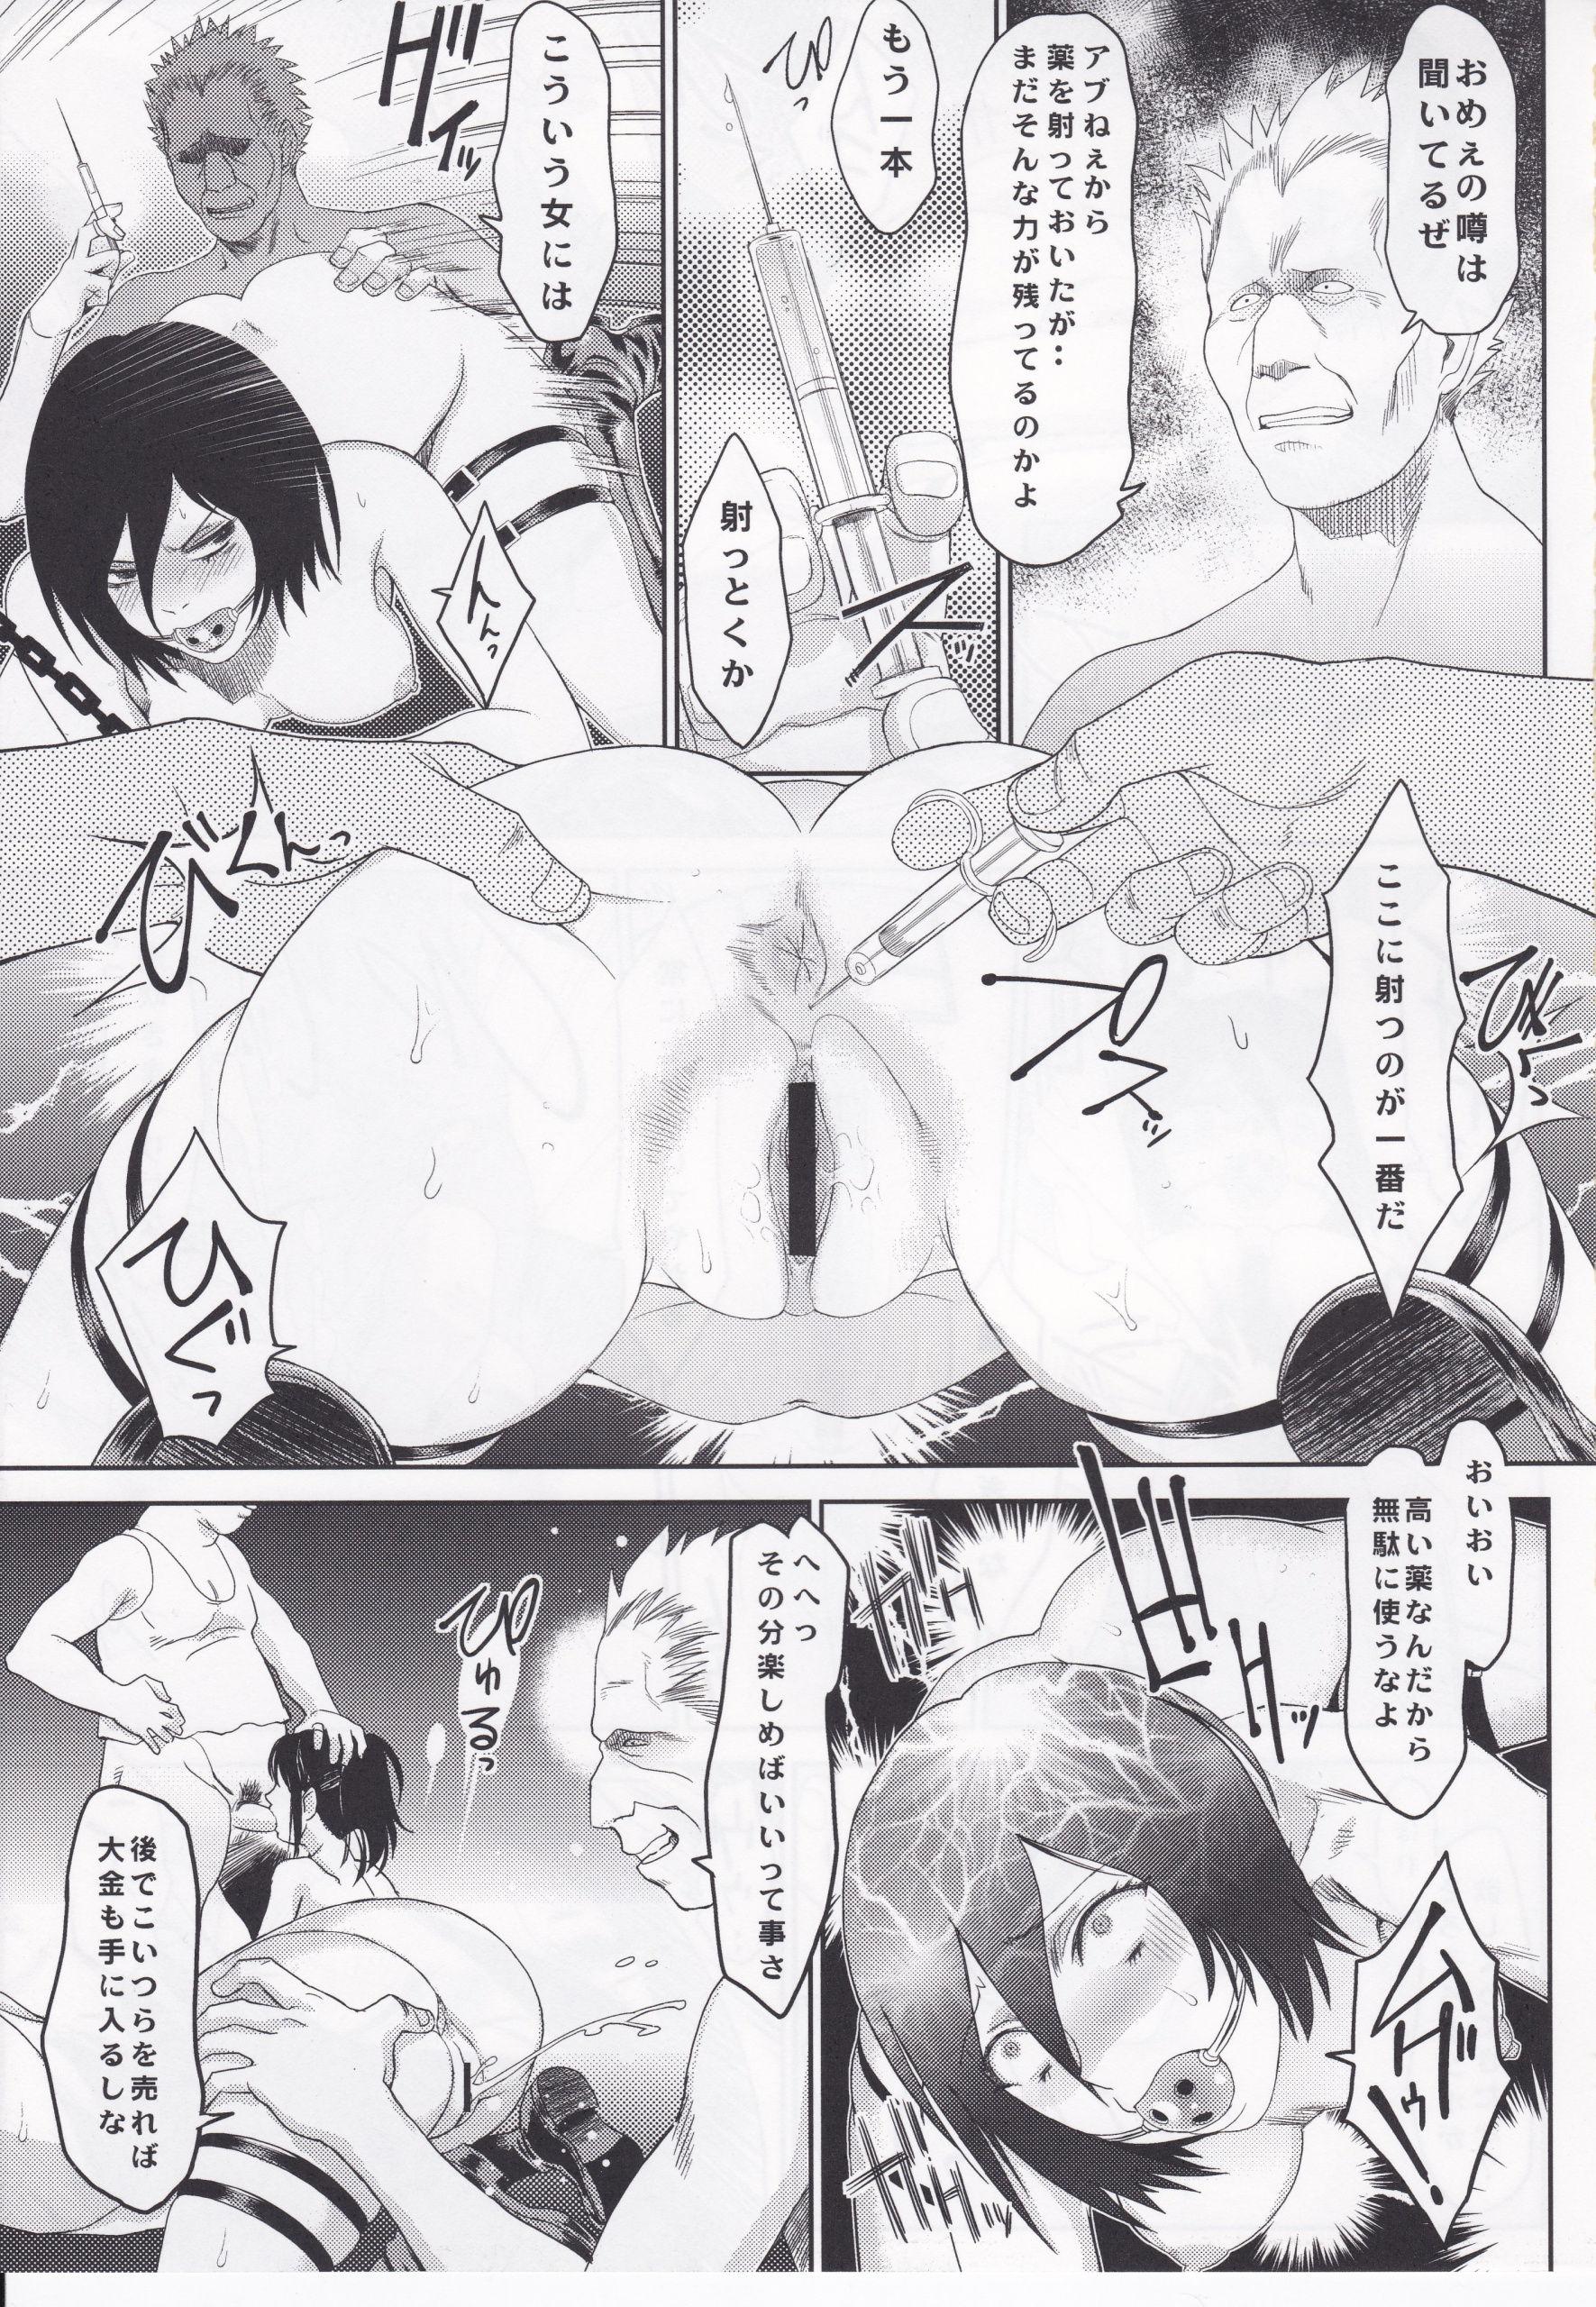 Ketsu megaton shingeki hentai manga picture 06